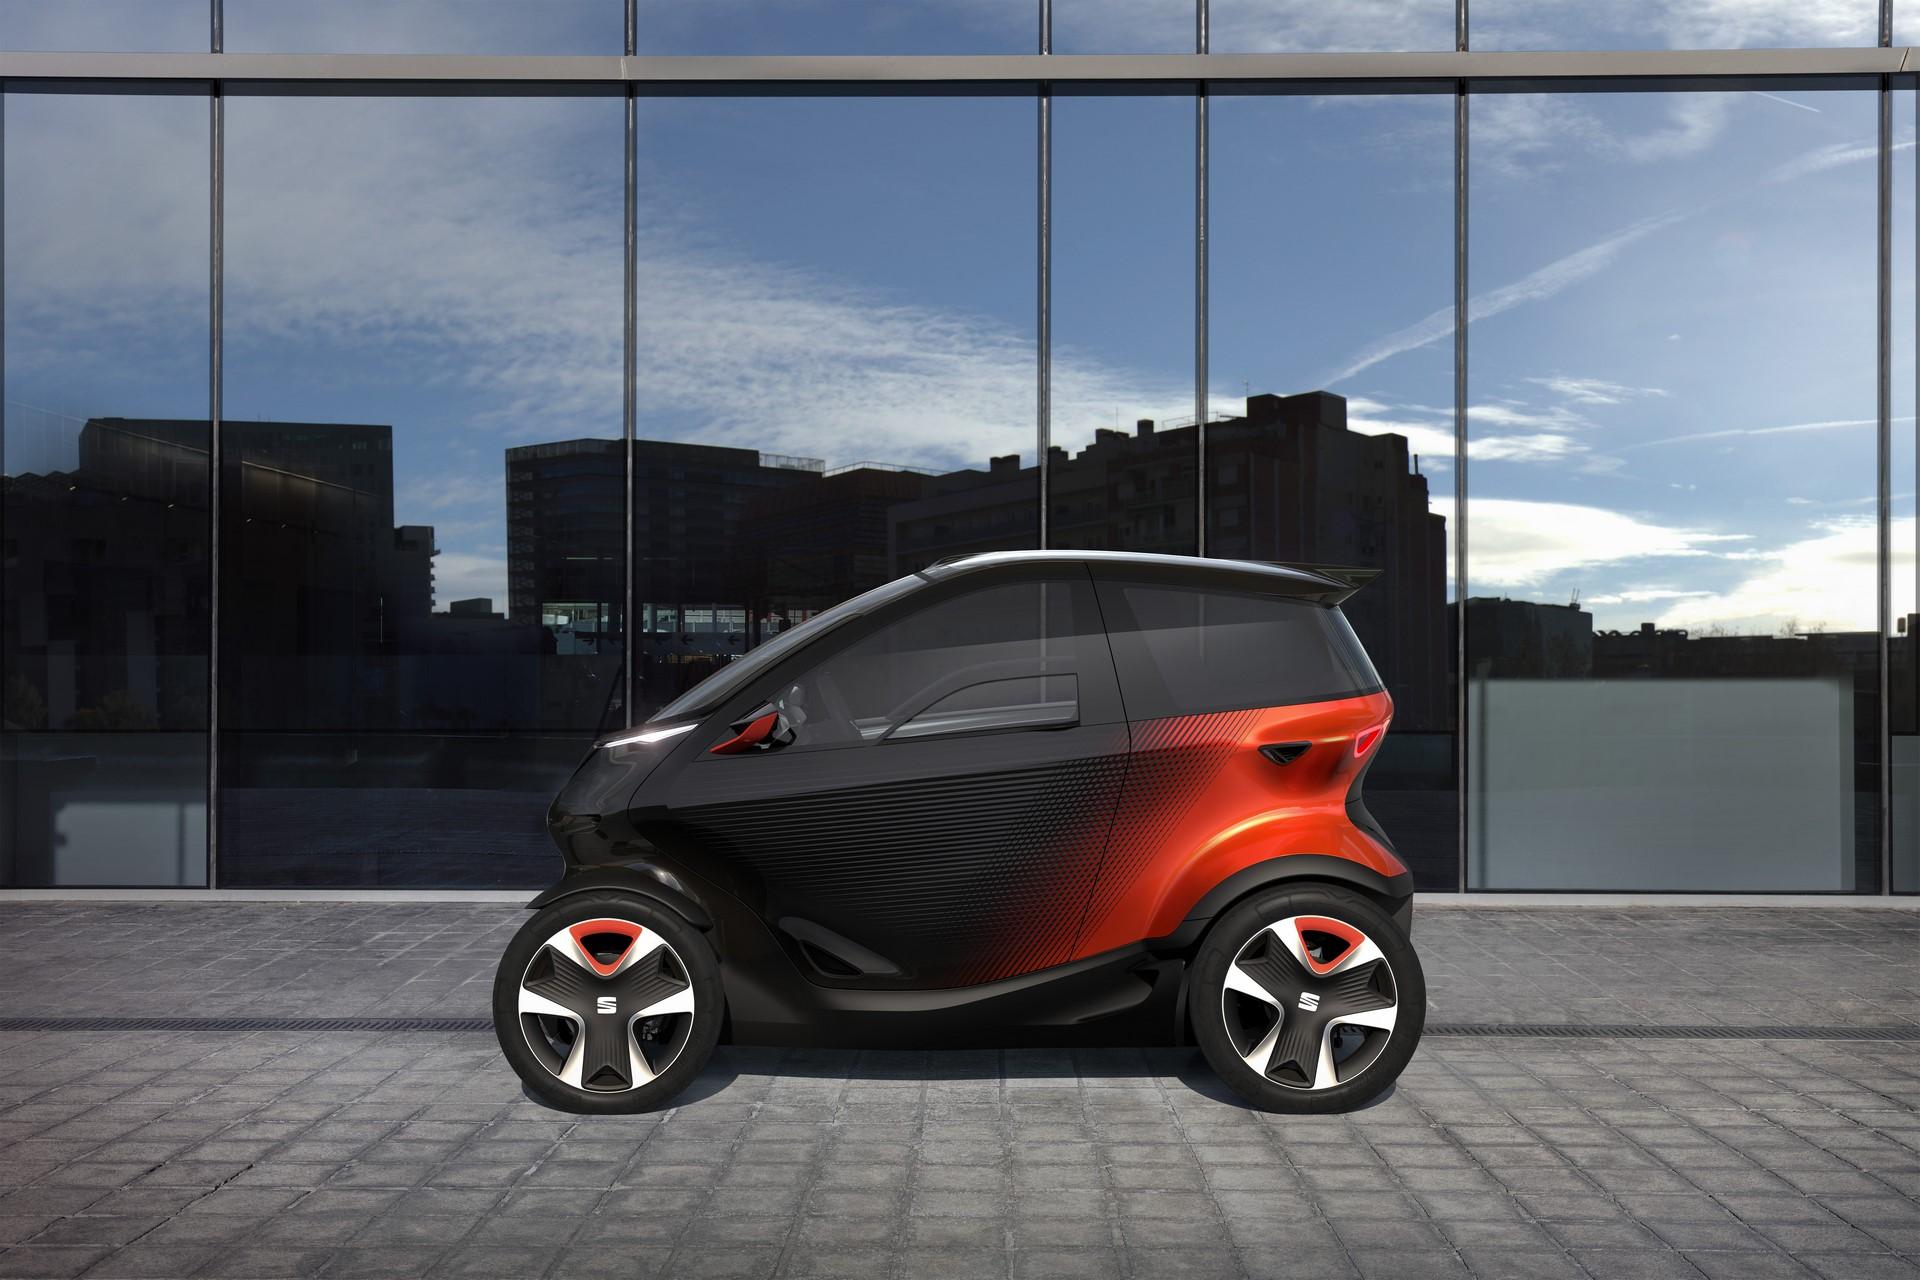 seat minimo concept  mellon astikhs kinhtikothtas ths seat autobloggr